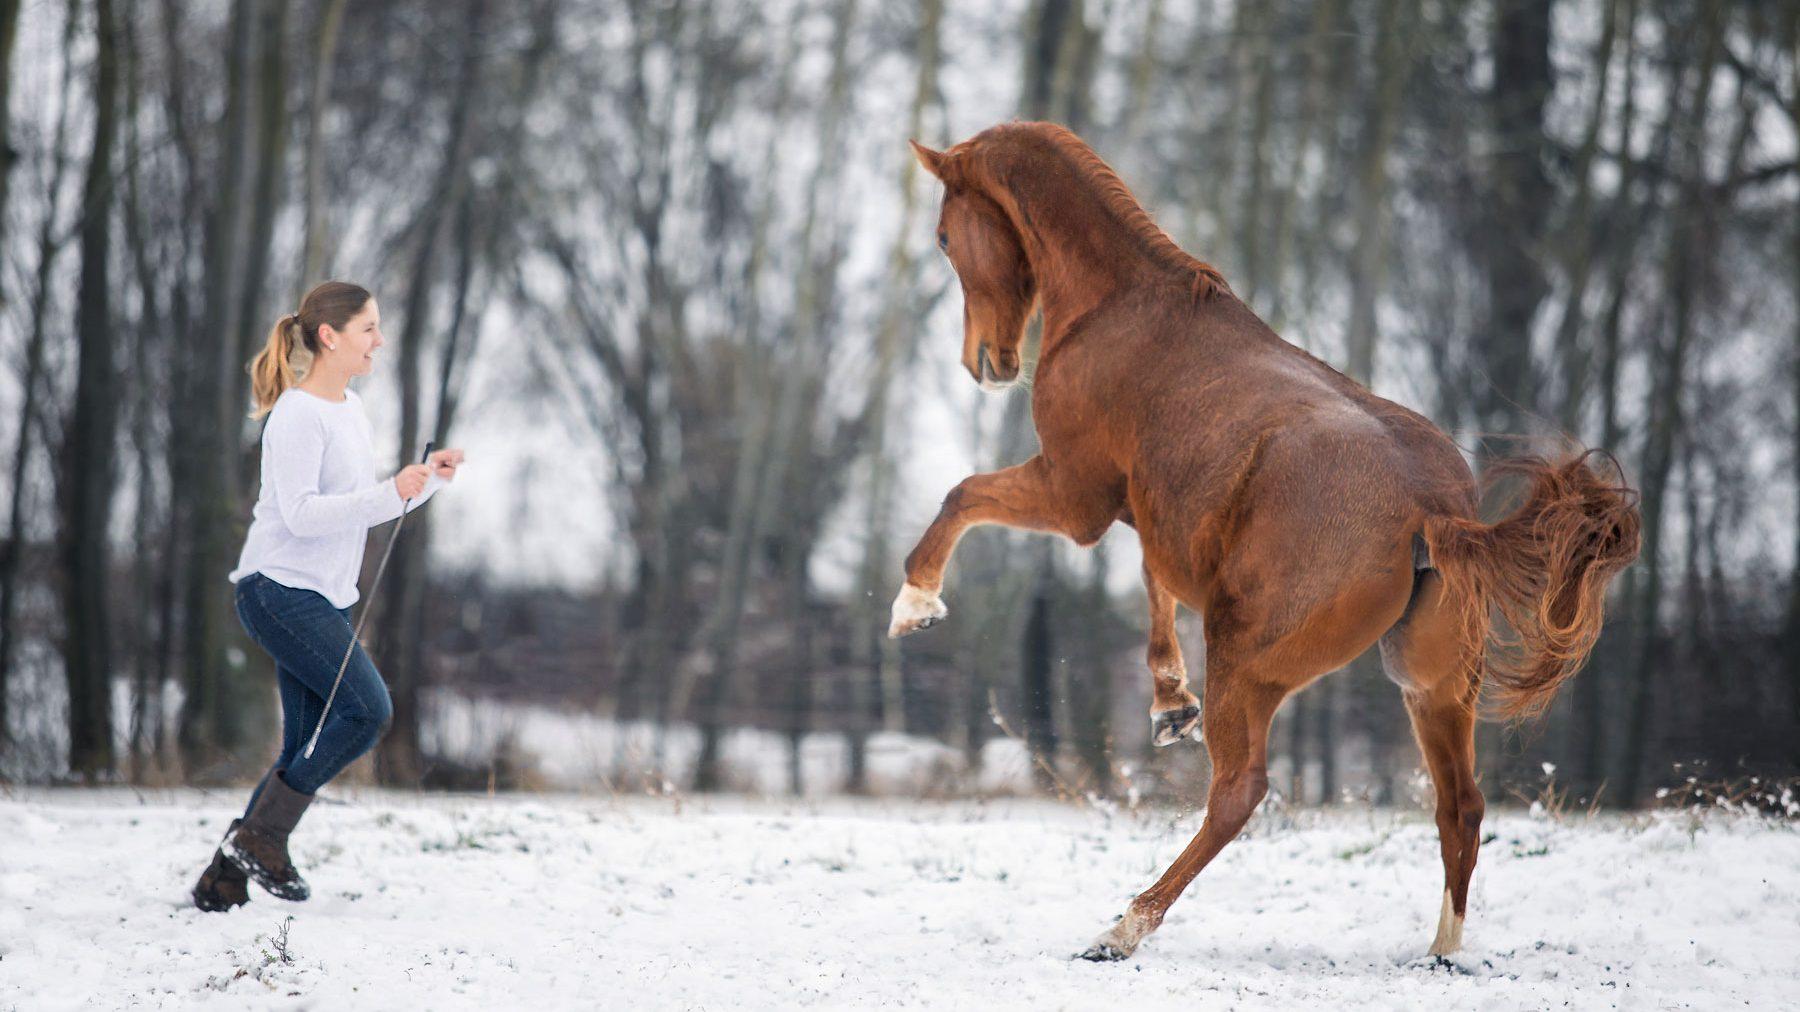 Alisa spielt mit Astron - Freiarbeit im Schnee, Foto: Lena Henrich